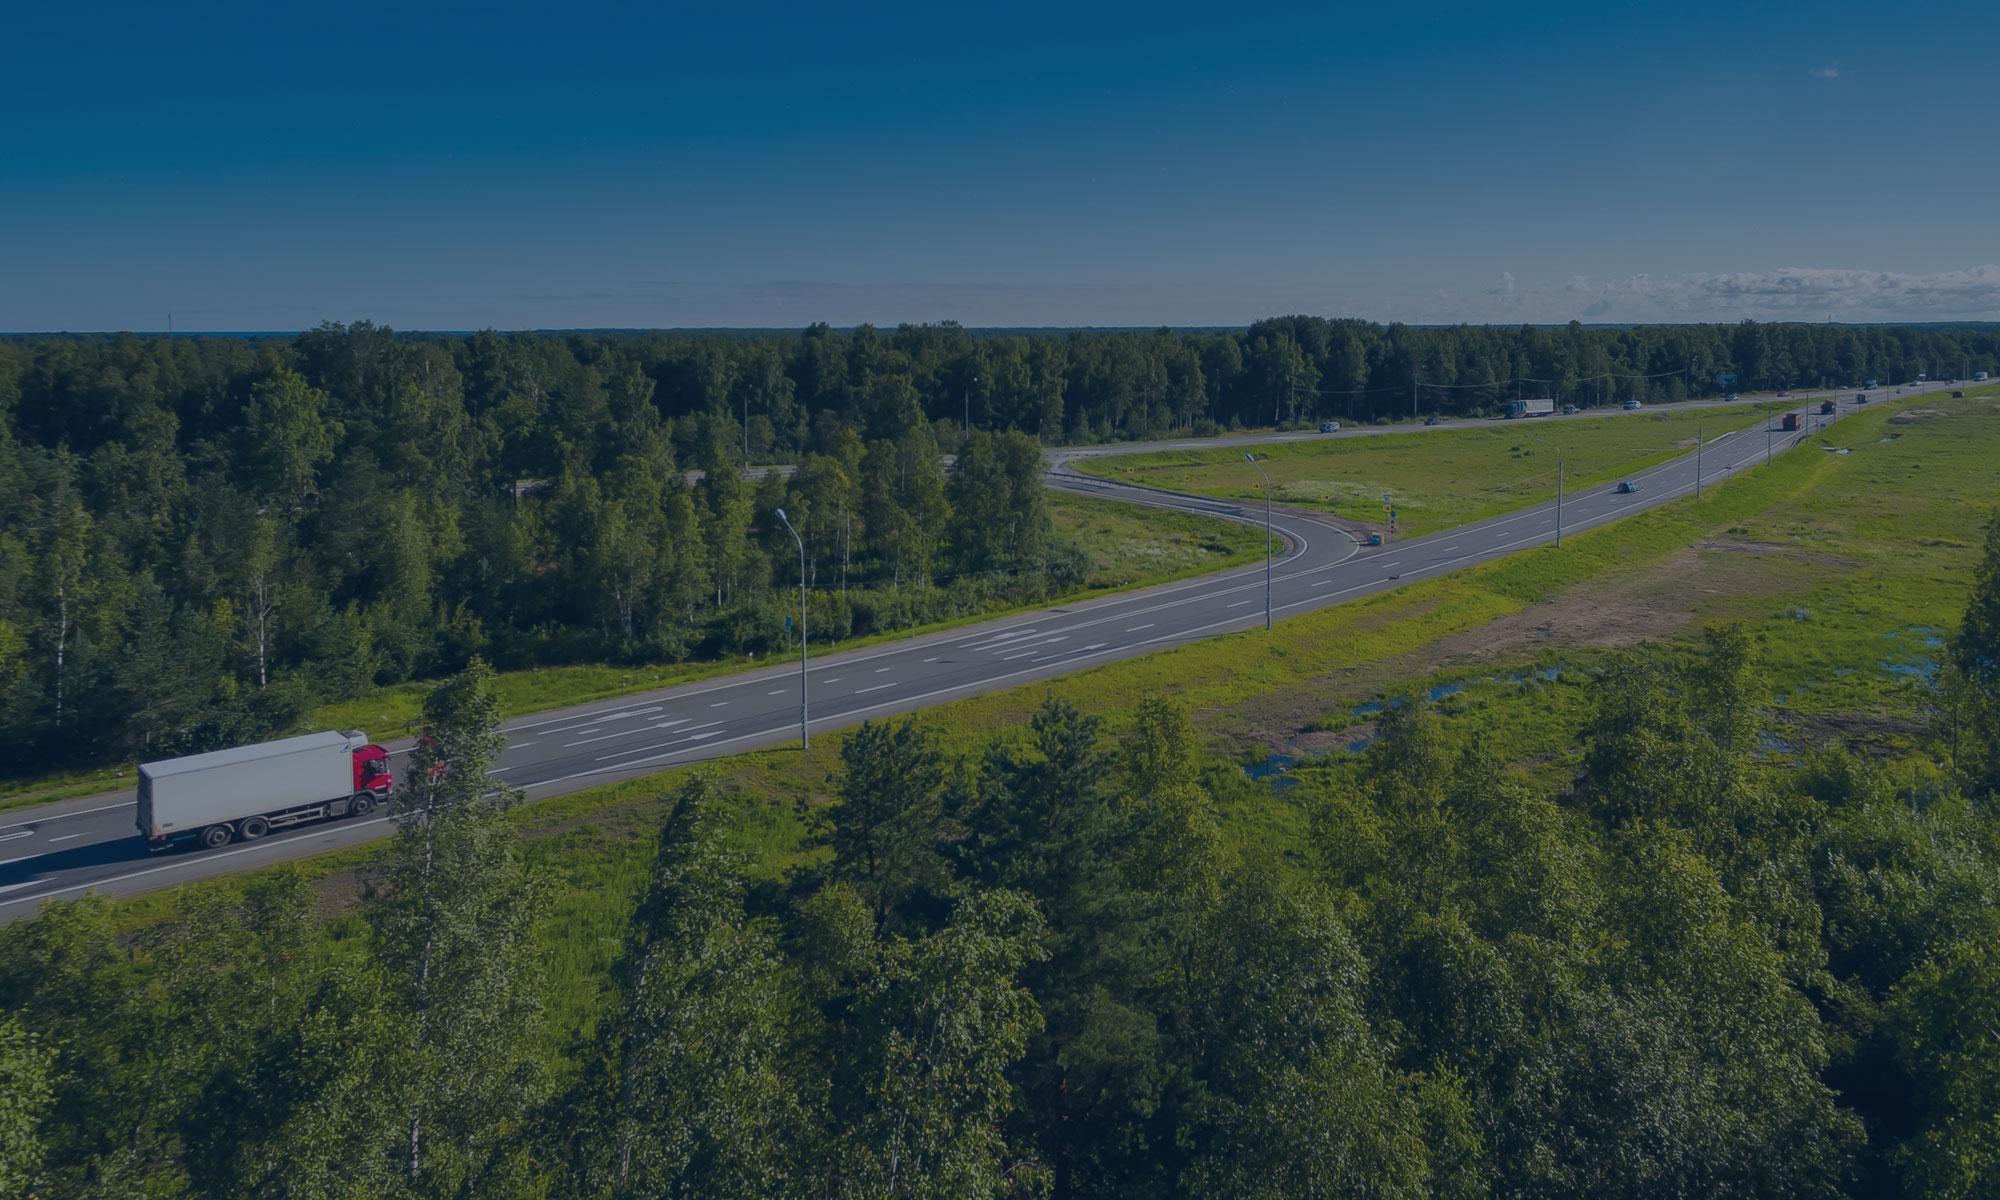 Реконструкция мостового перехода через реку Волхов на км 122+085 автомобильной дороги М-18 «Кола» (2, 3 этап)